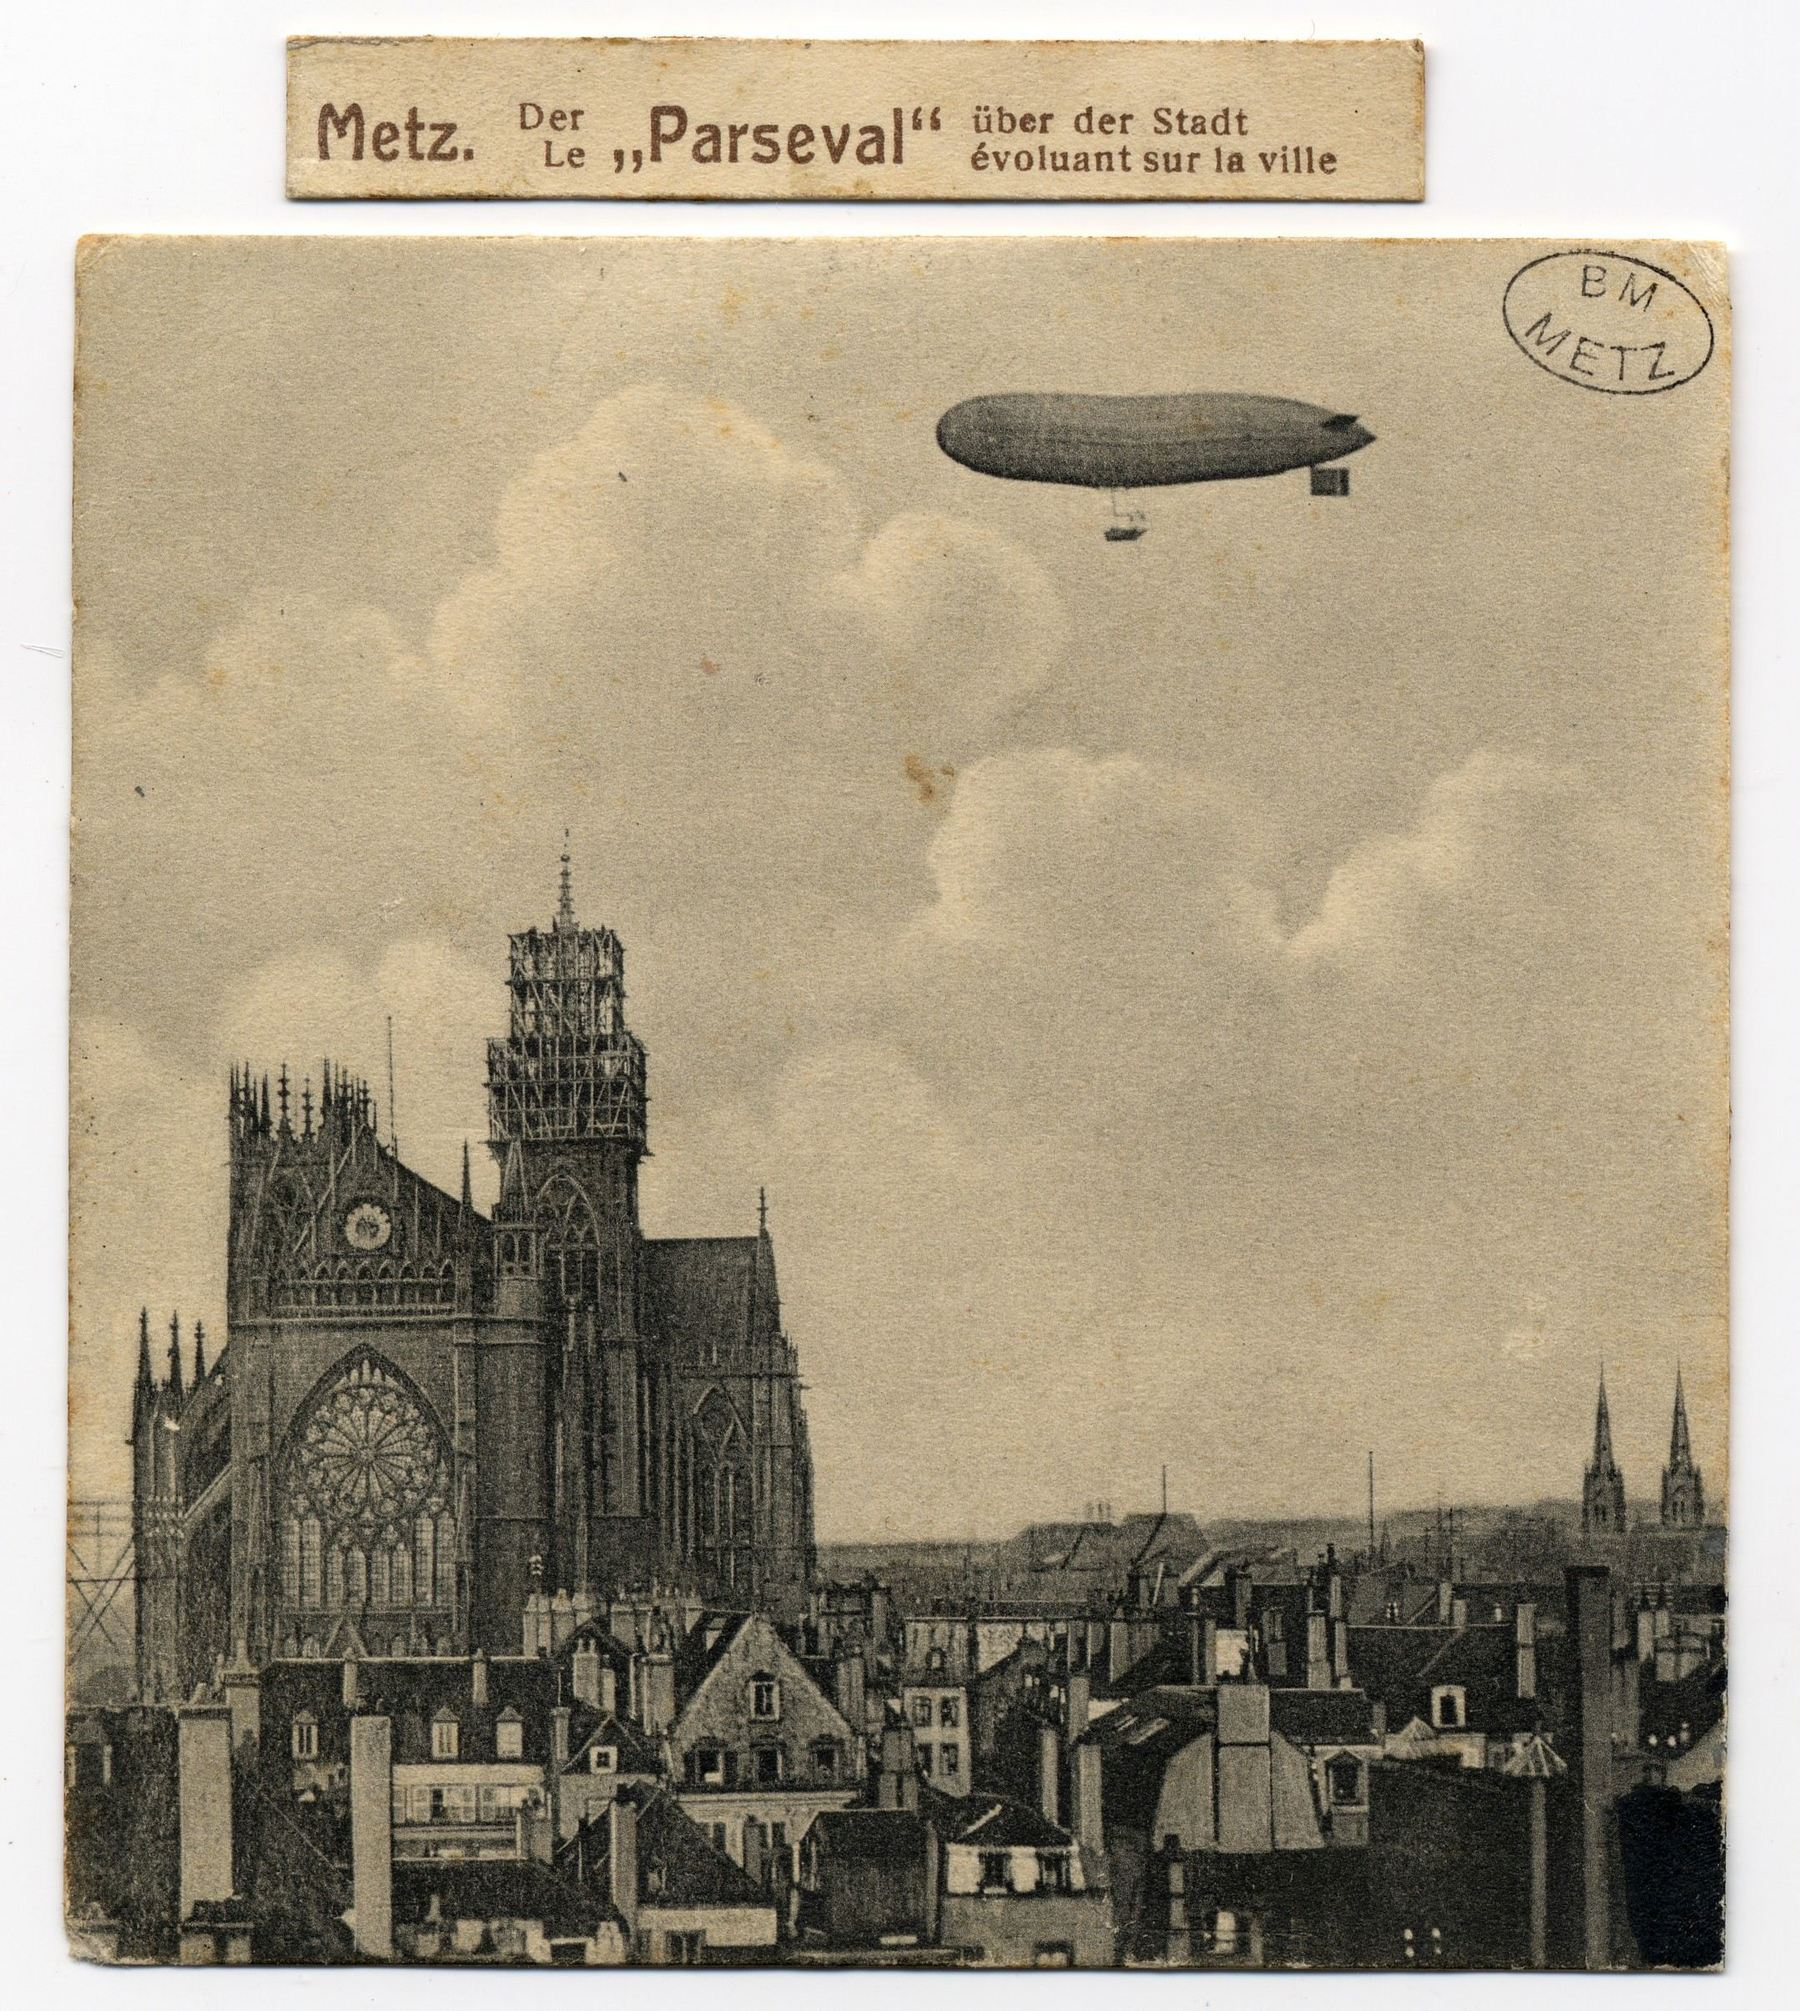 """Contenu du Metz. Le """"Parseval"""" évoluant sur la ville"""